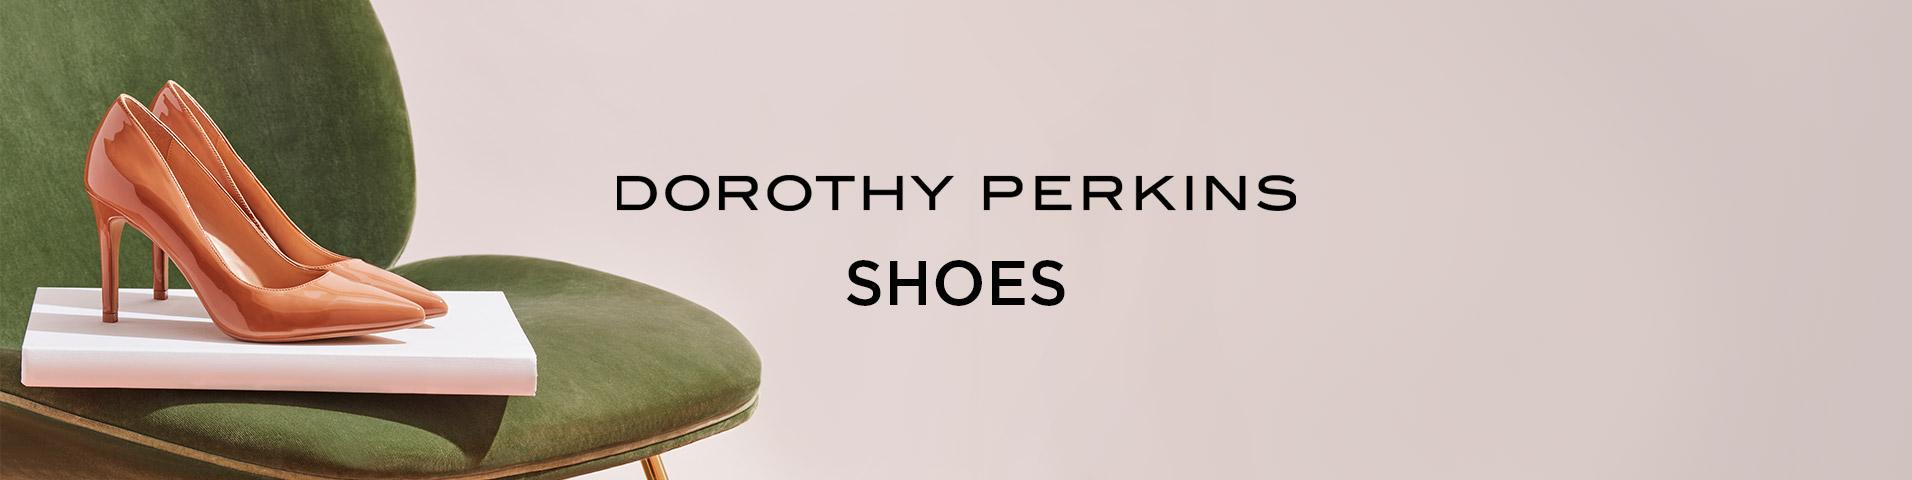 Dorothy Perkins Stiefeletten   Das Allroundtalent der Fashionwelt ... 18bfbfe9ff